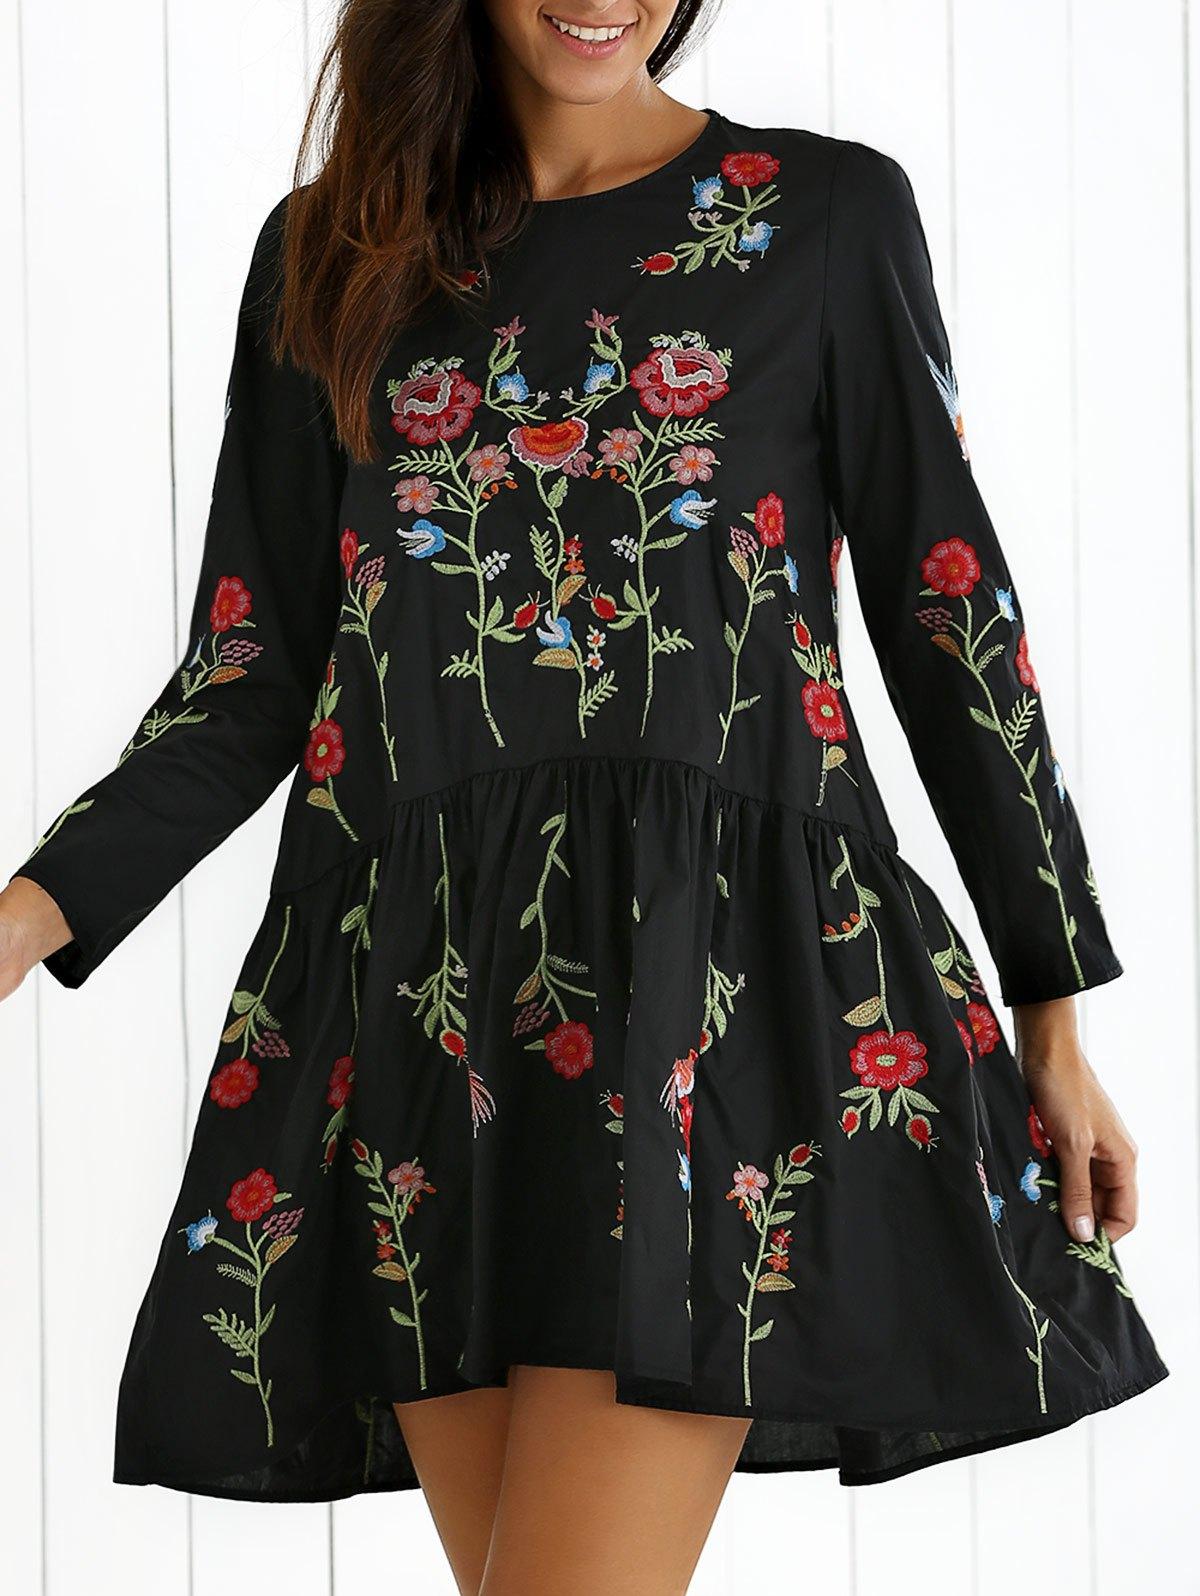 Drop Waist Floral Embroidered Dress